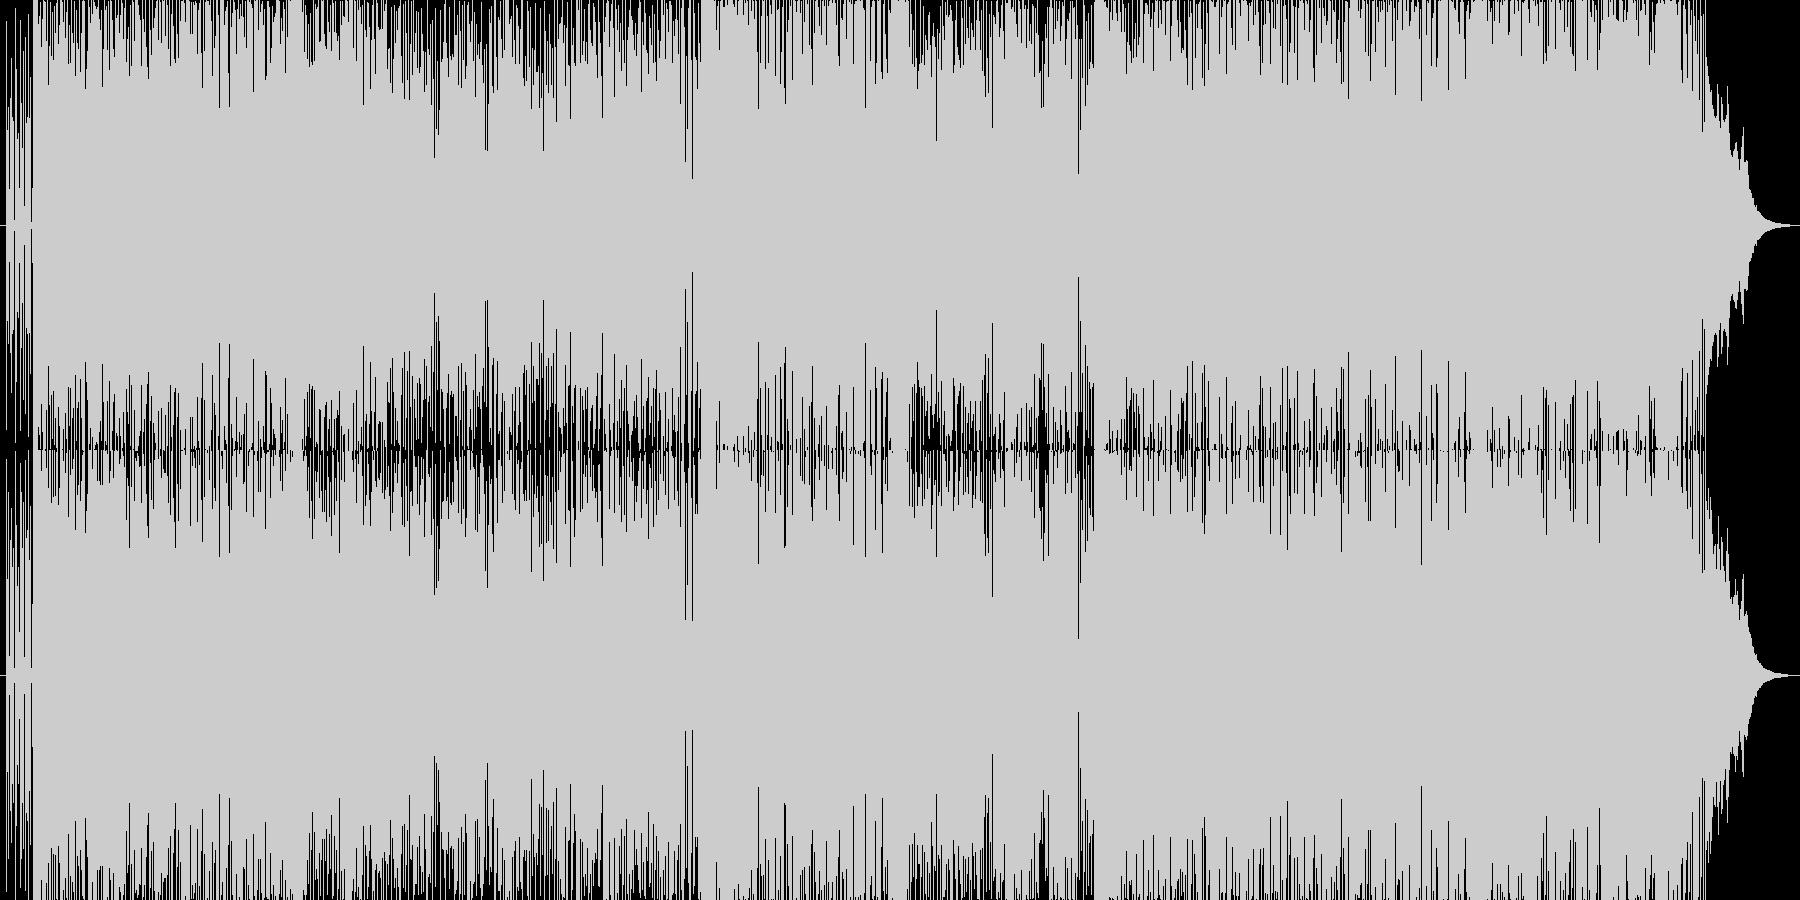 サックスが印象的な軽快なポップスの未再生の波形